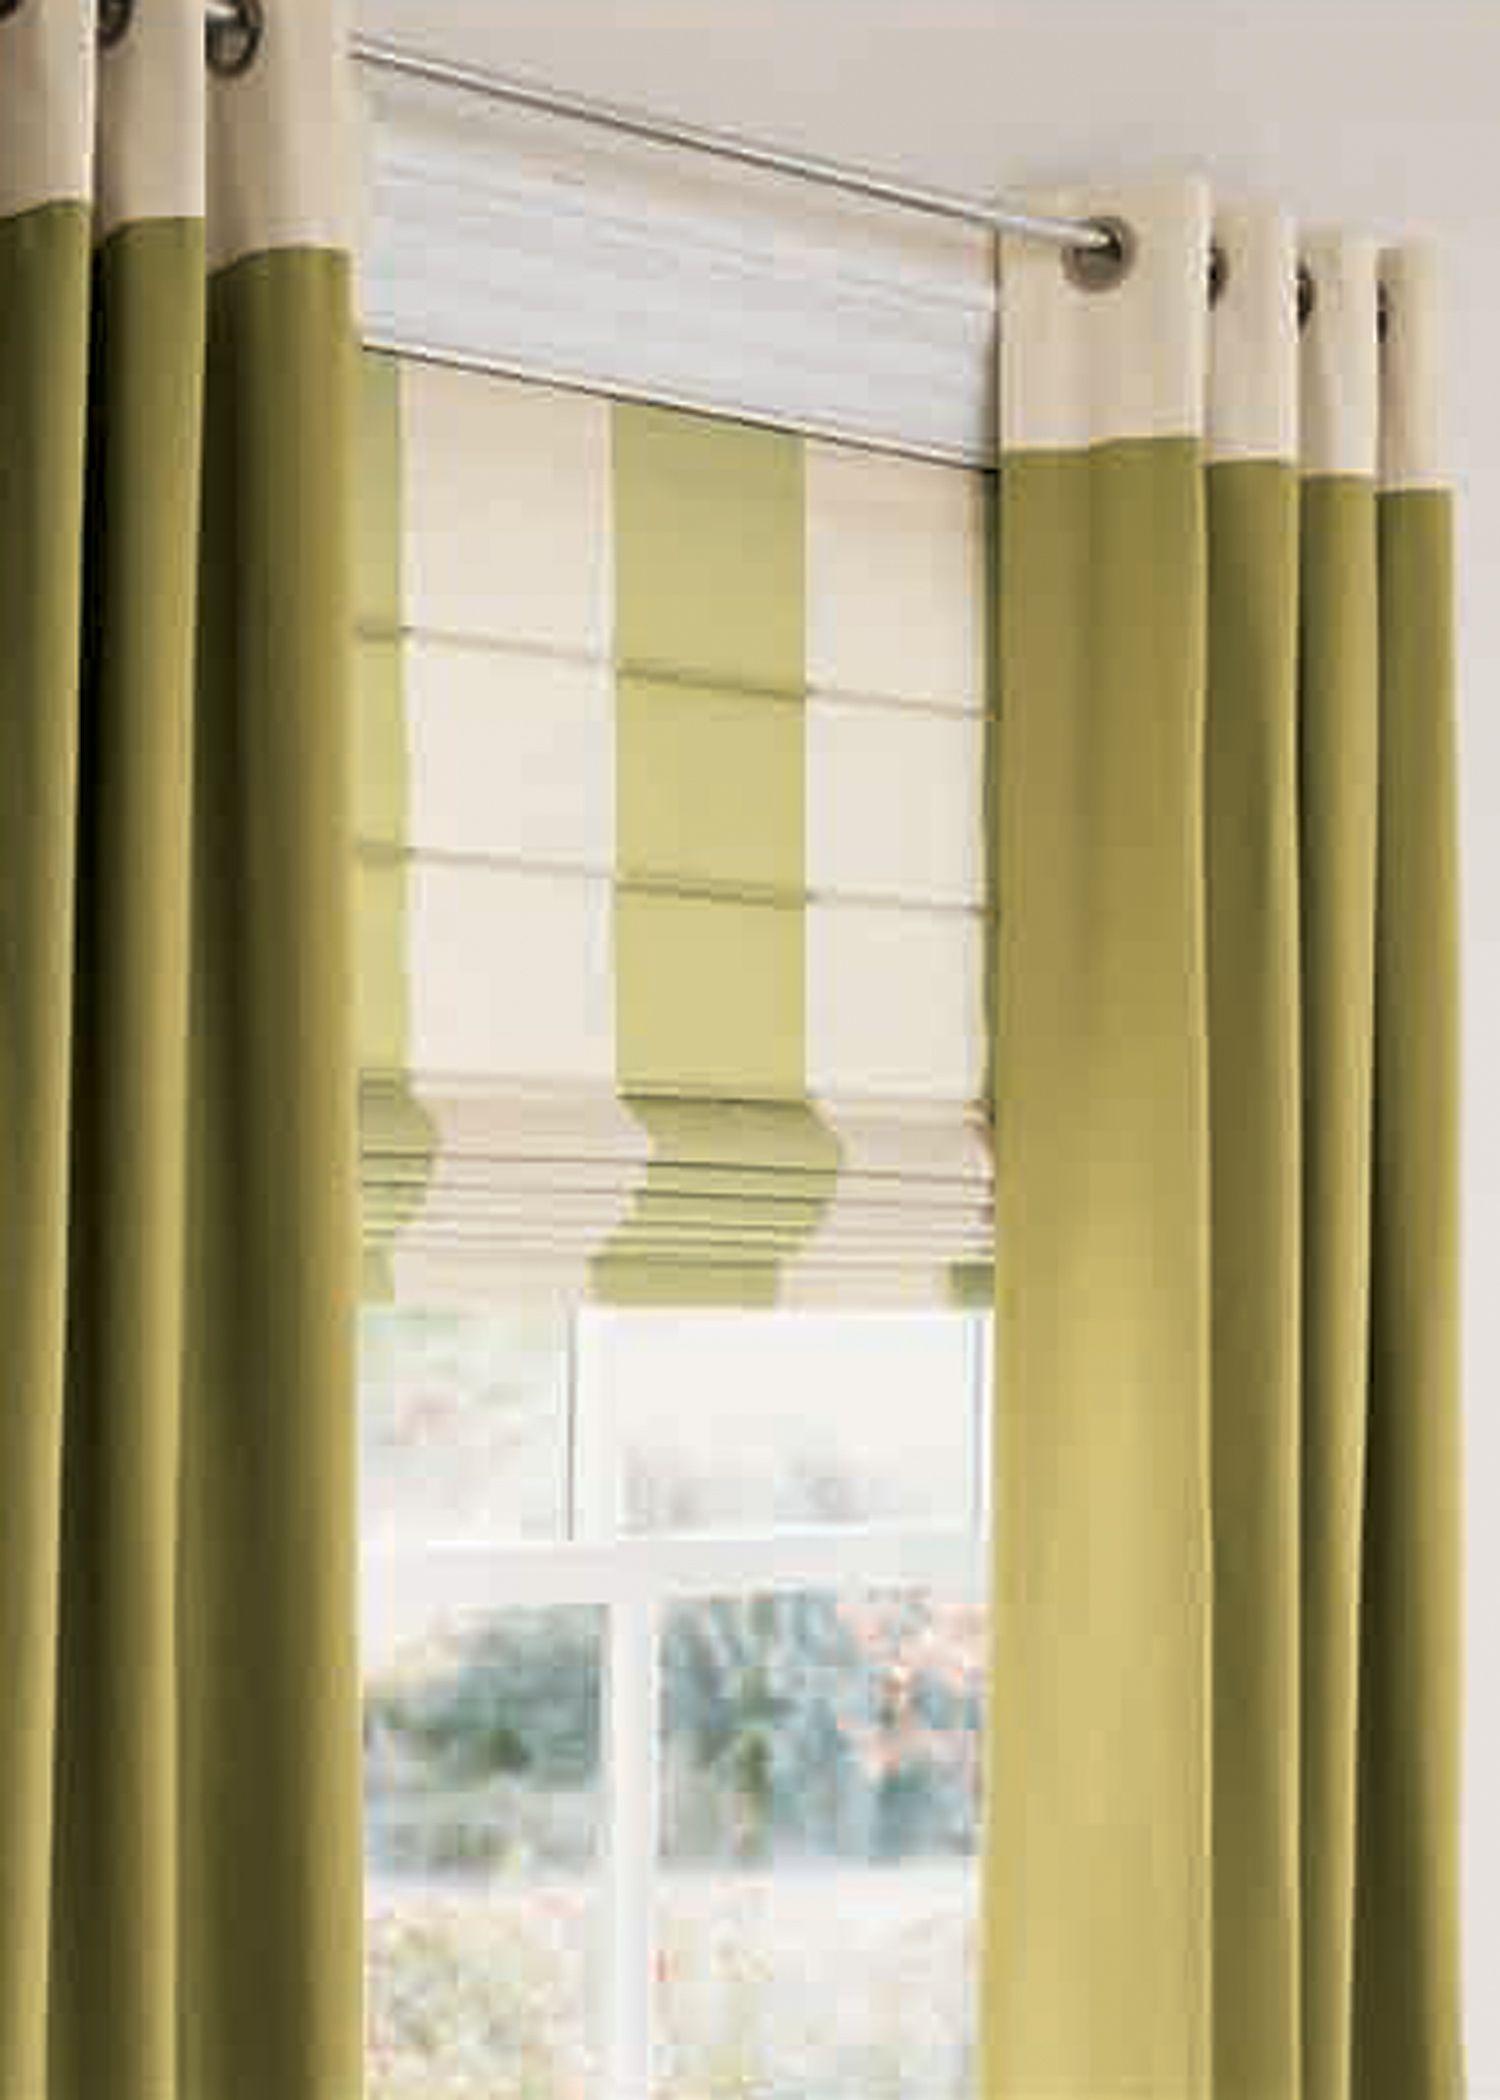 gardinen französisch vorhänge kurze vorhänge weiße Öse vorhänge